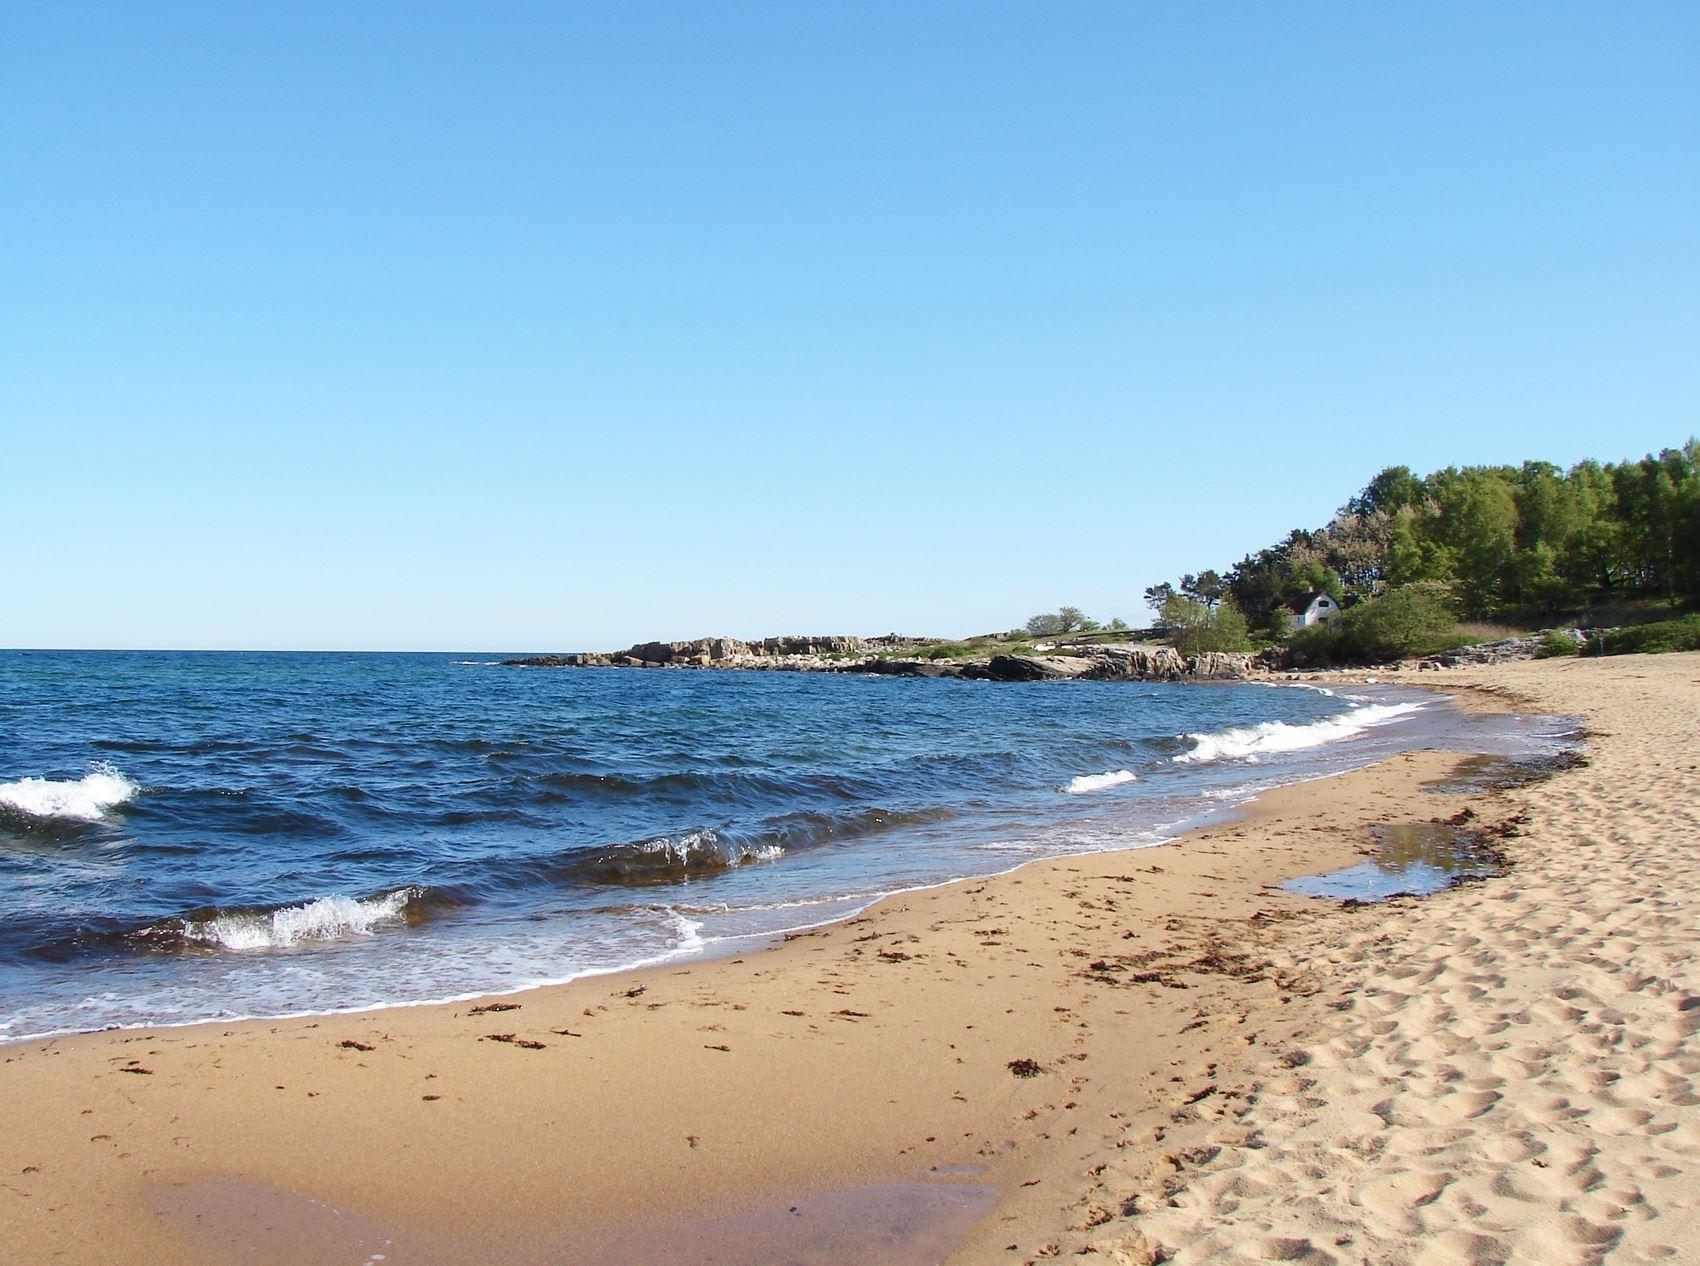 Tobisviks Strand